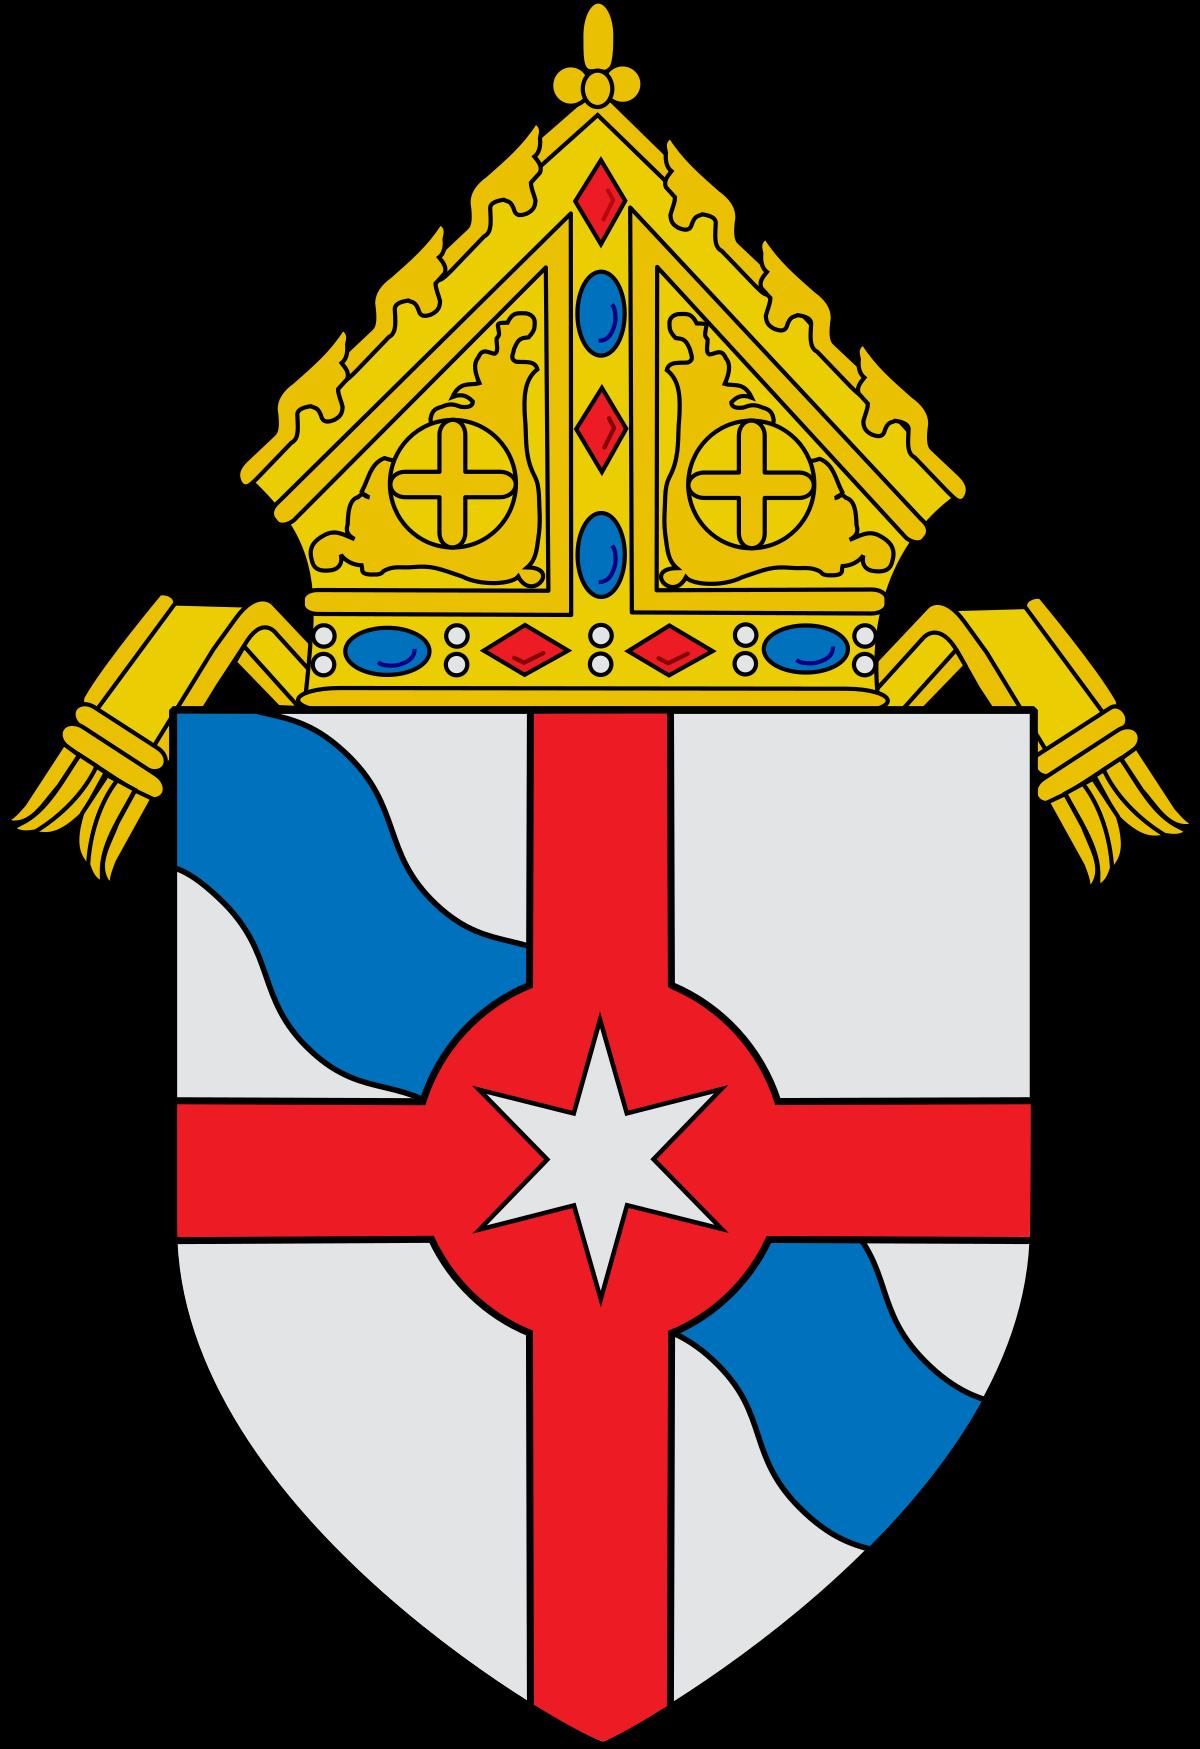 Community clipart parishioner. Roman catholic diocese of